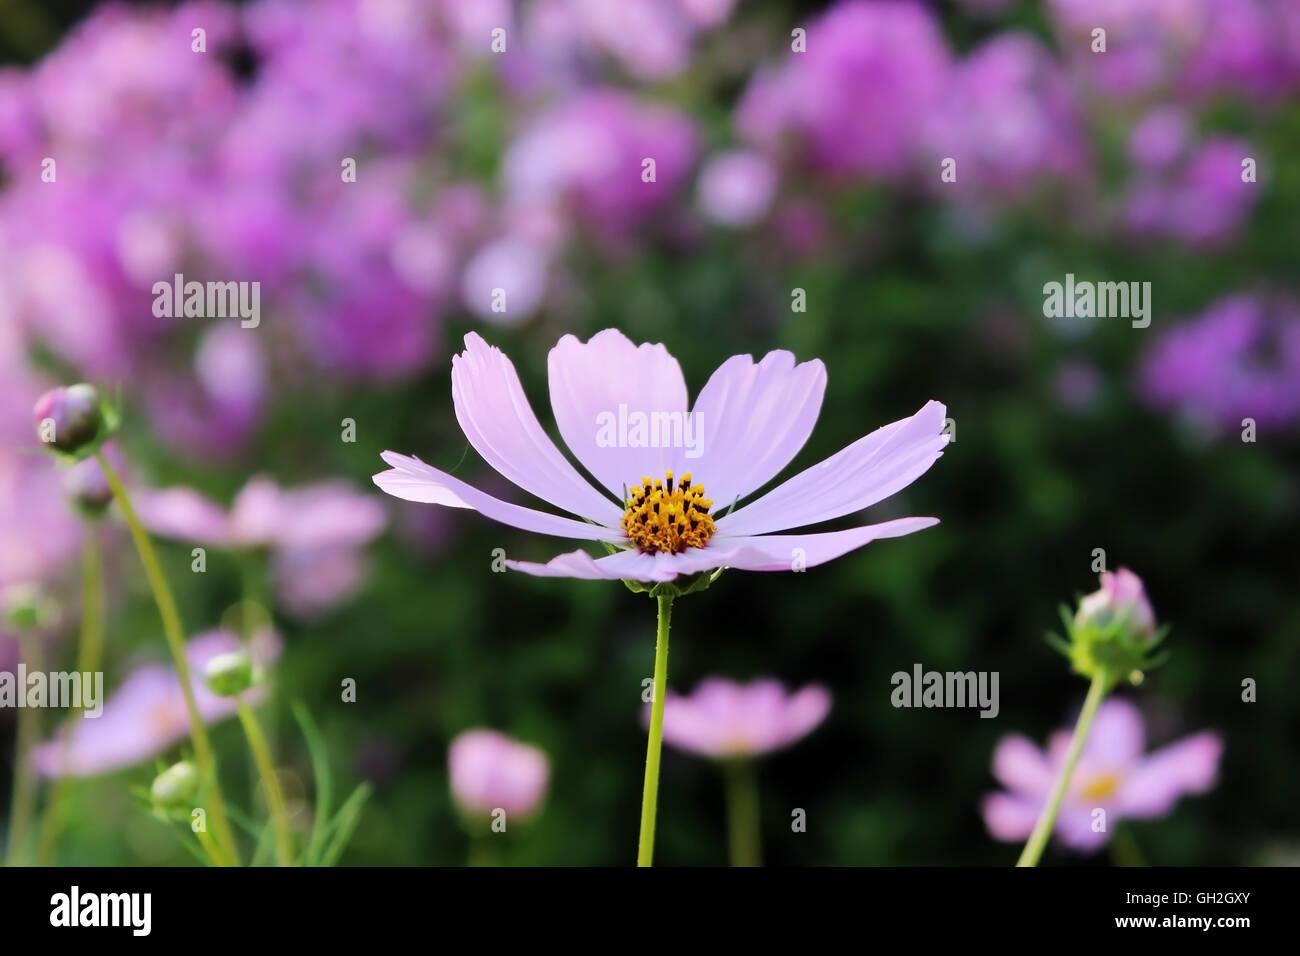 Flower like a daisy gallery flower wallpaper hd pink daisy like flower stock photos pink daisy like flower stock pink purple flower like a izmirmasajfo